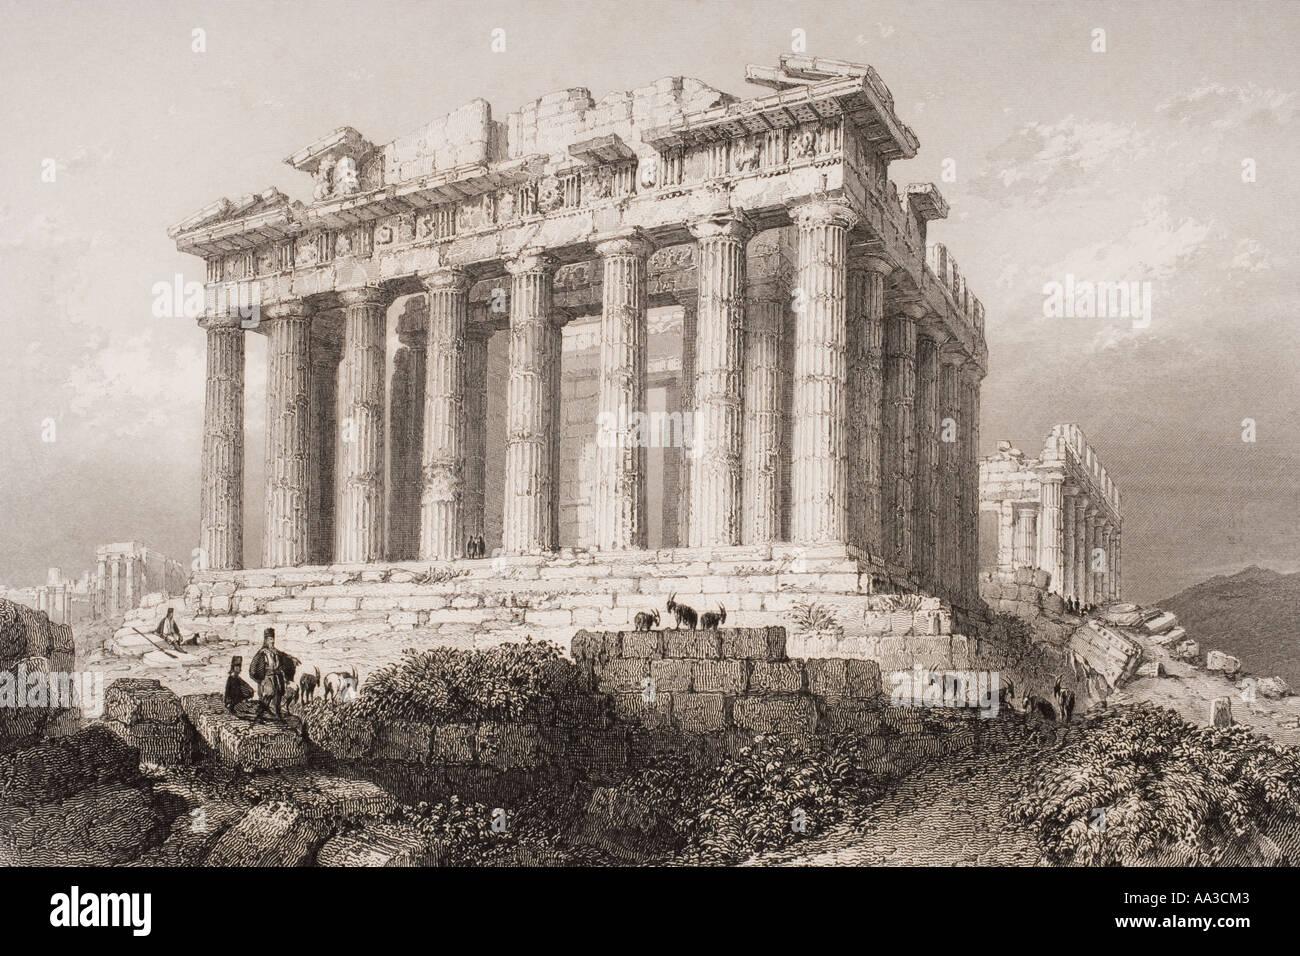 El Partenón en Atenas, Grecia, en el siglo XIX. Imagen De Stock